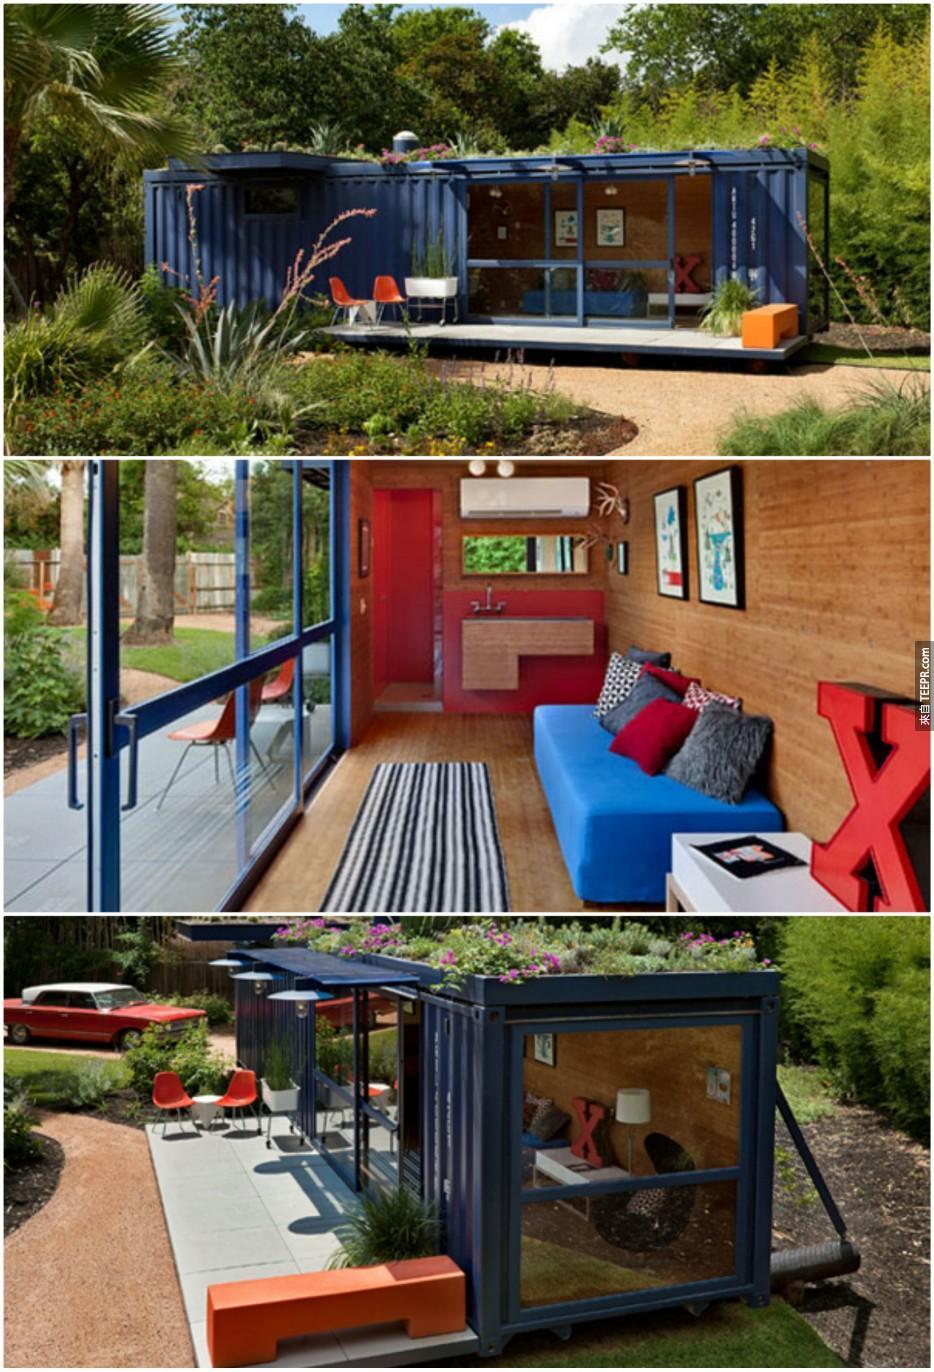 這31個人用最出乎意料之外的方法建造他們的夢想之屋。這就是你擁有自己的房子的方法!